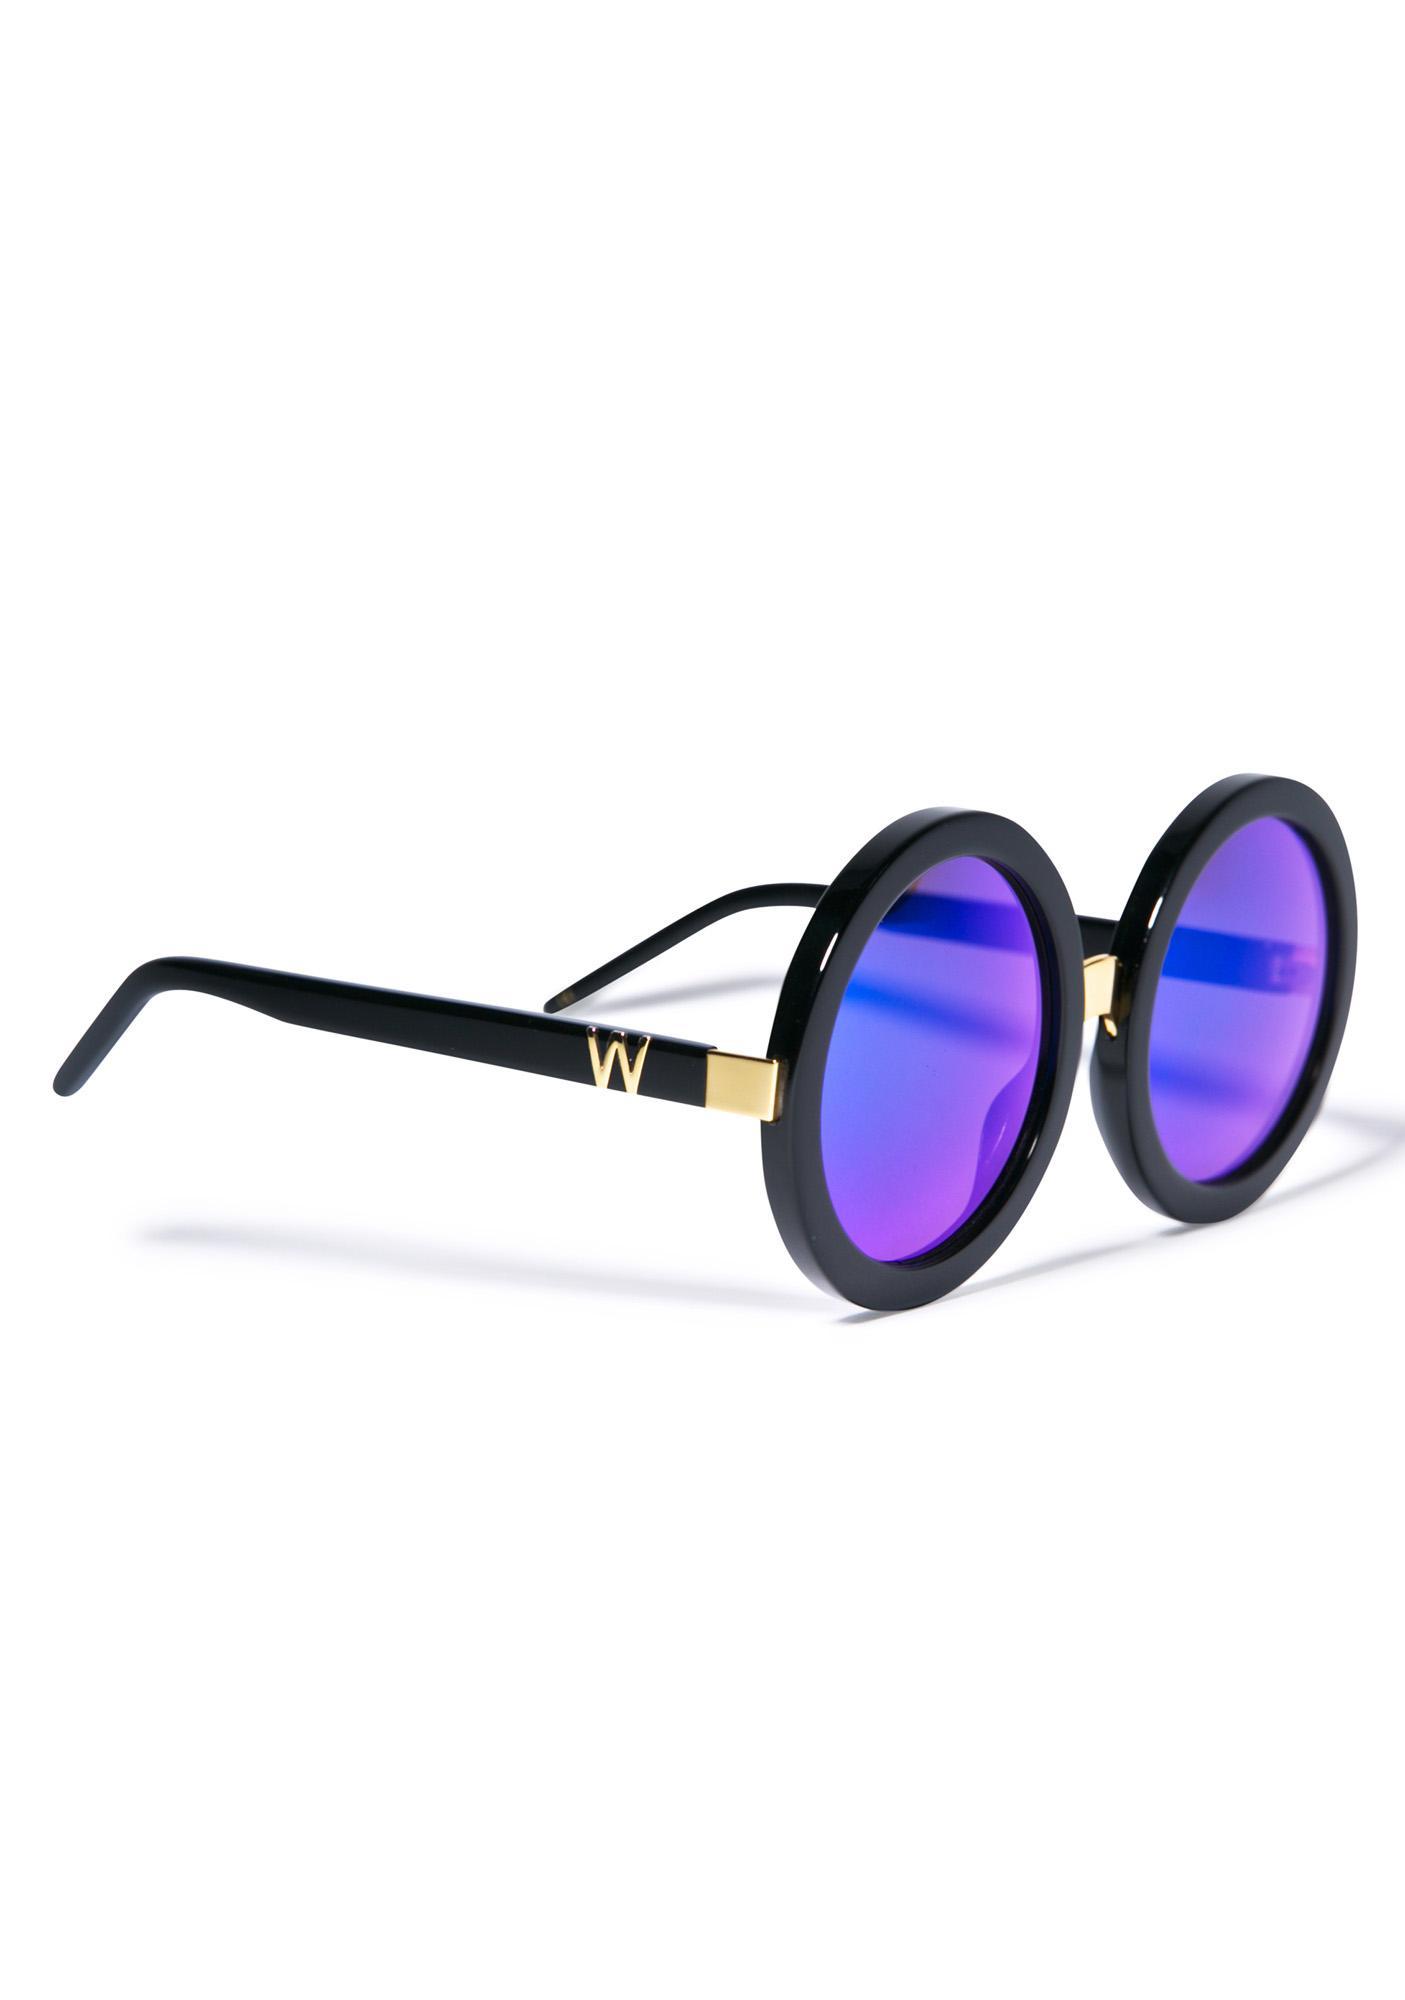 Wildfox Couture Malibu Deluxe Sunglasses